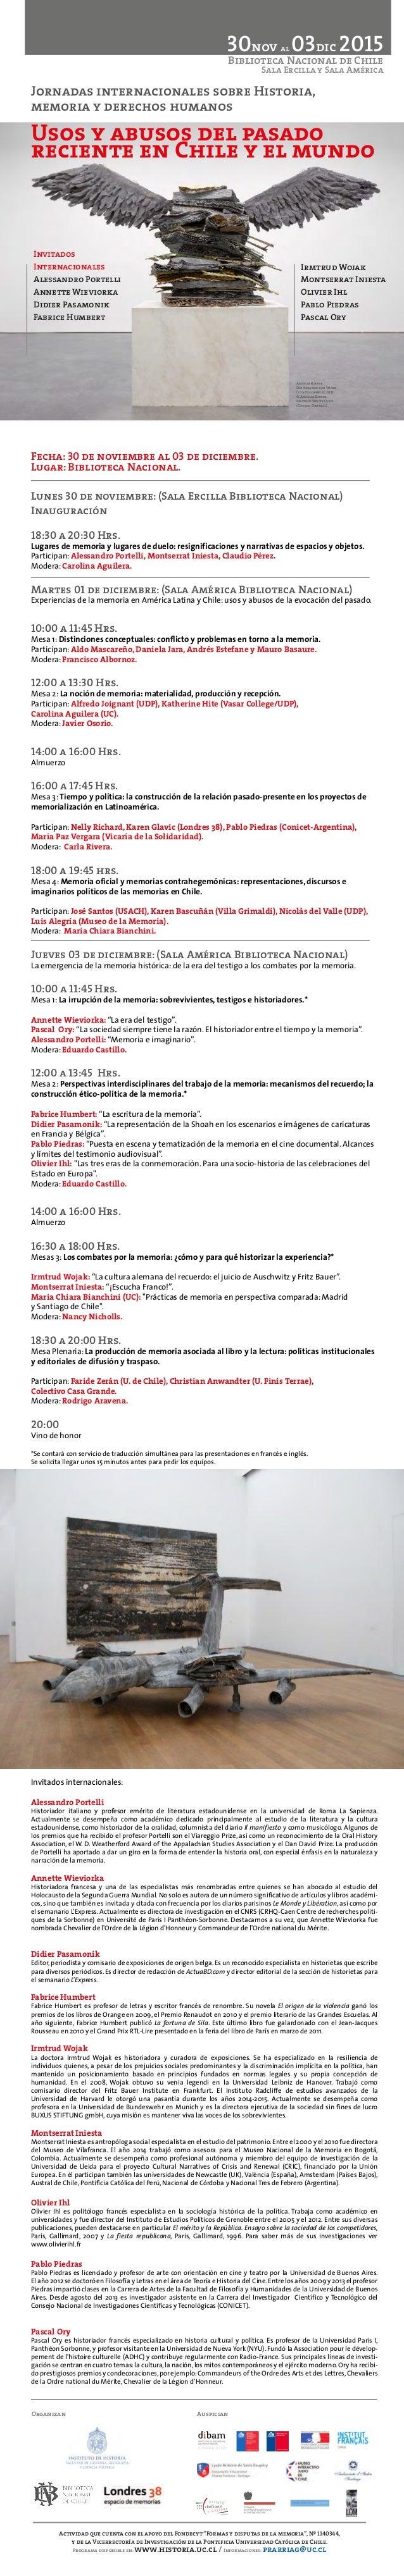 Jornadas internacionales sobre Historia, memoria y derechos humanos Usos y abusos del pasado reciente en Chile y el mundo ...